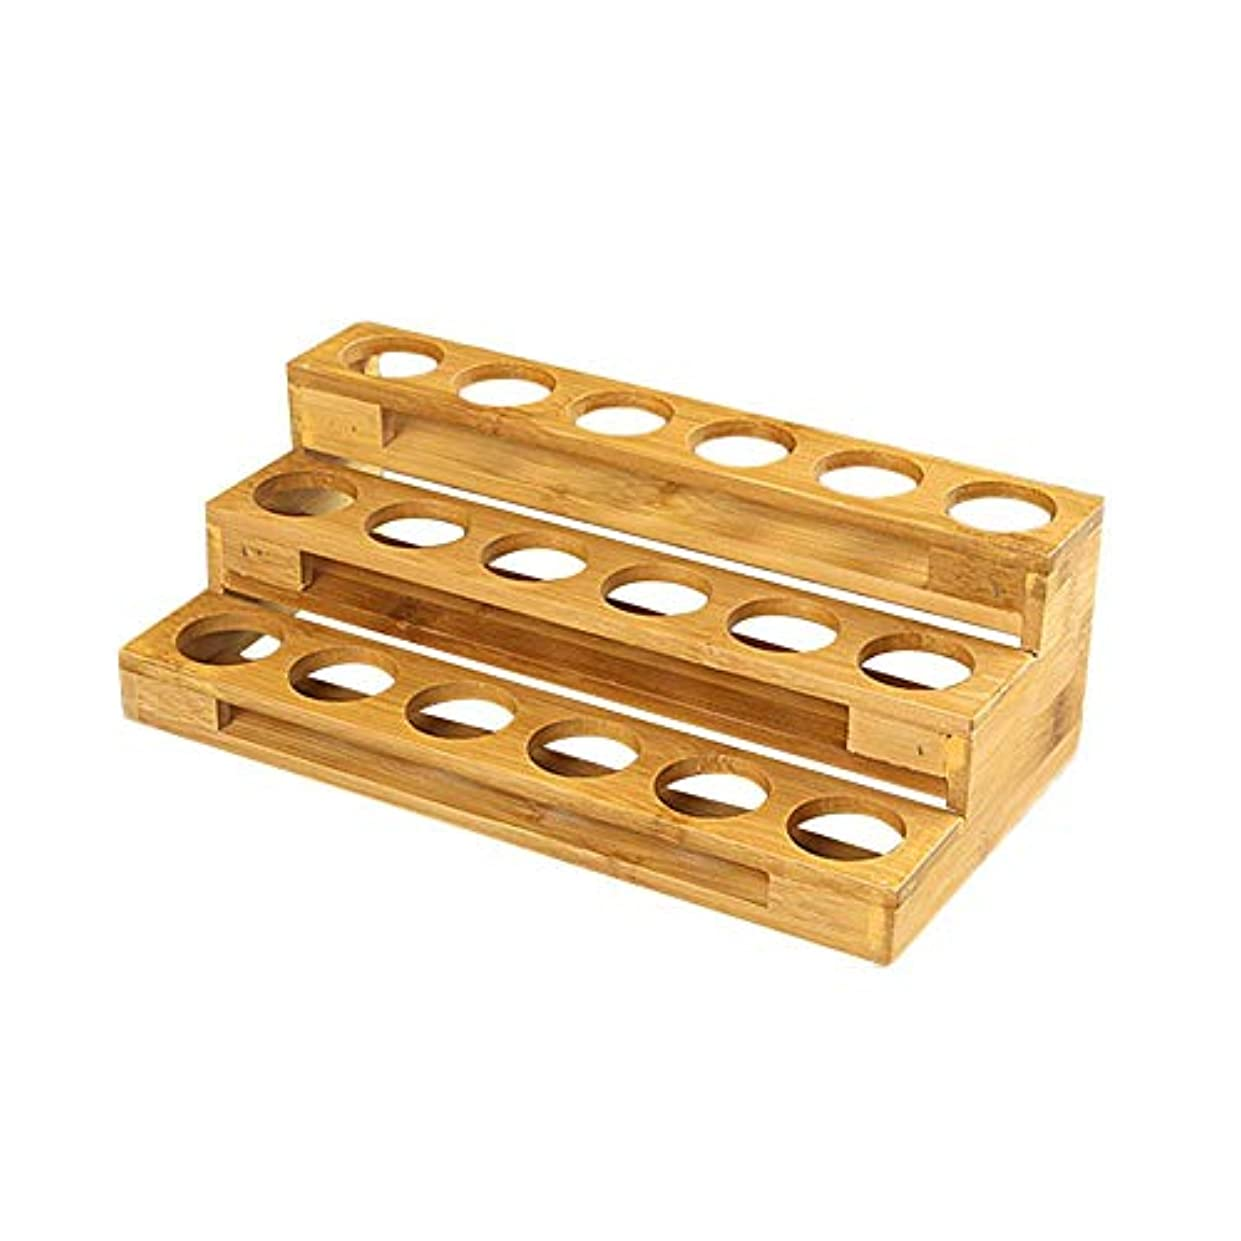 隠す他のバンドでご予約エッセンシャルオイル収納ボックス 自然木製 エッセンシャルオイルオイル 収納 ボックス 香水収納ケース はしごタイプ アロマオイル収納ボックス 18本用